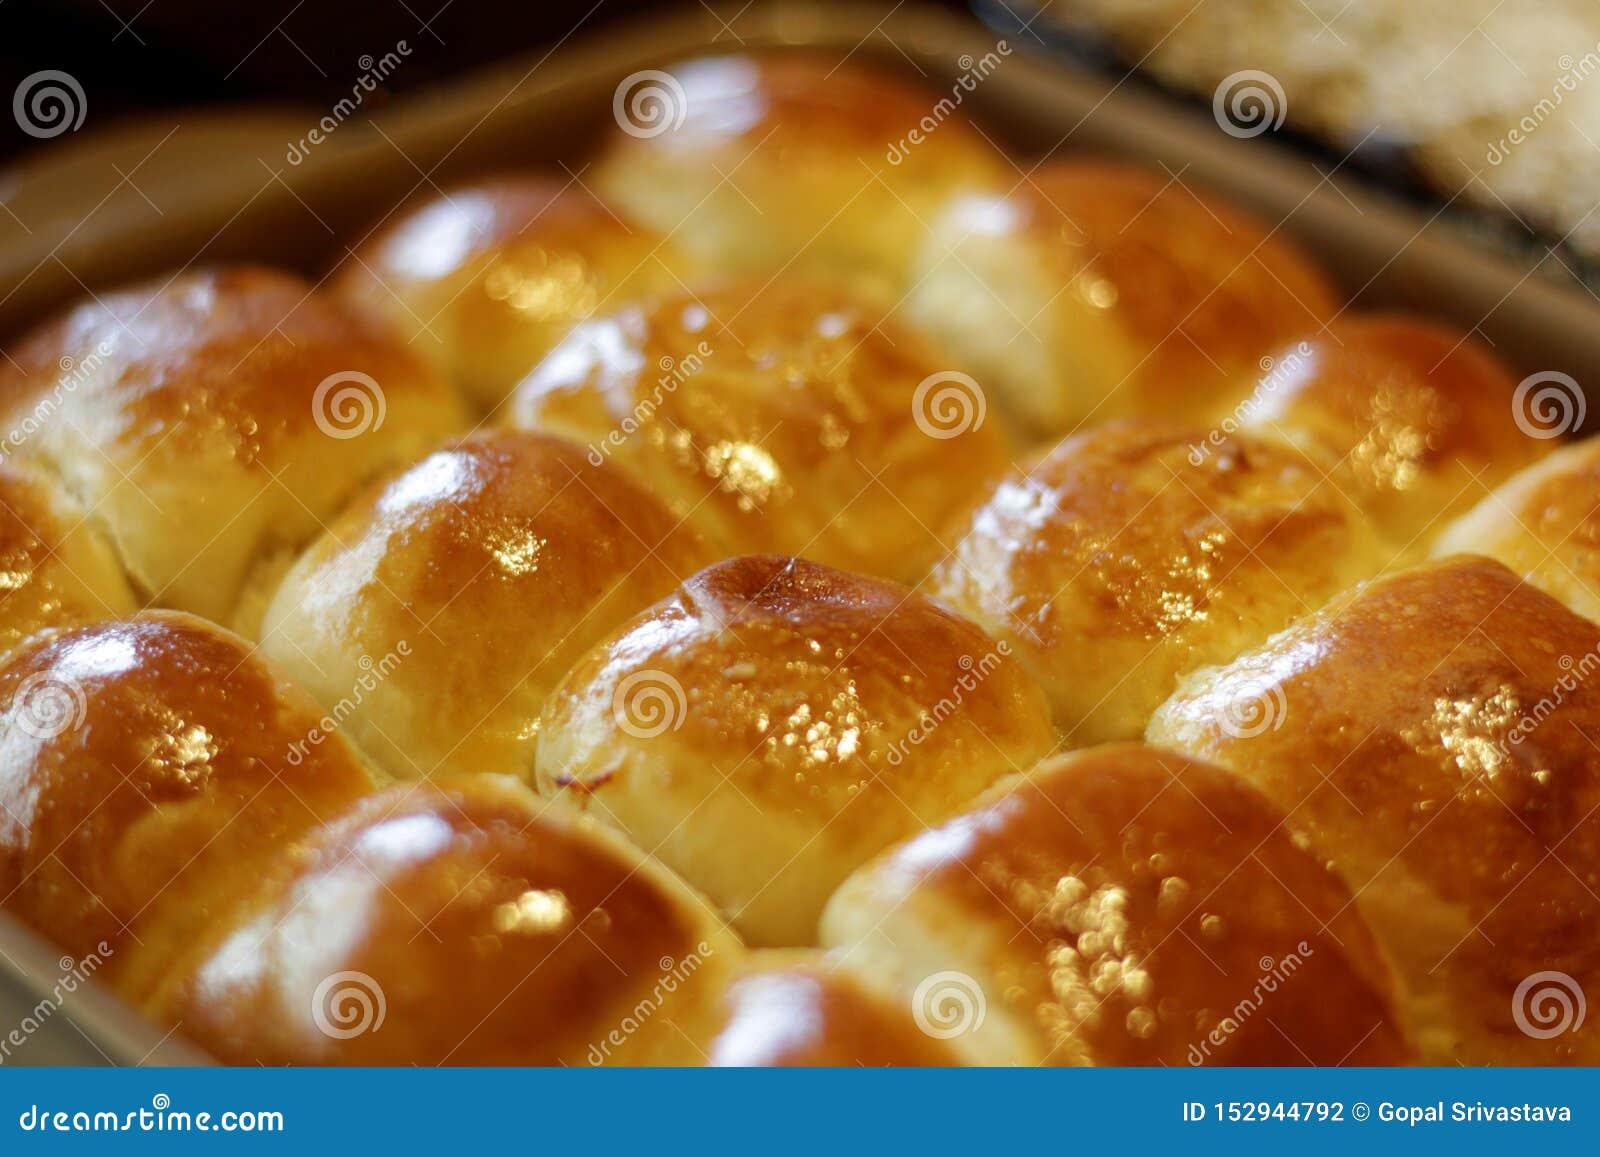 Broodjes direct van de oven